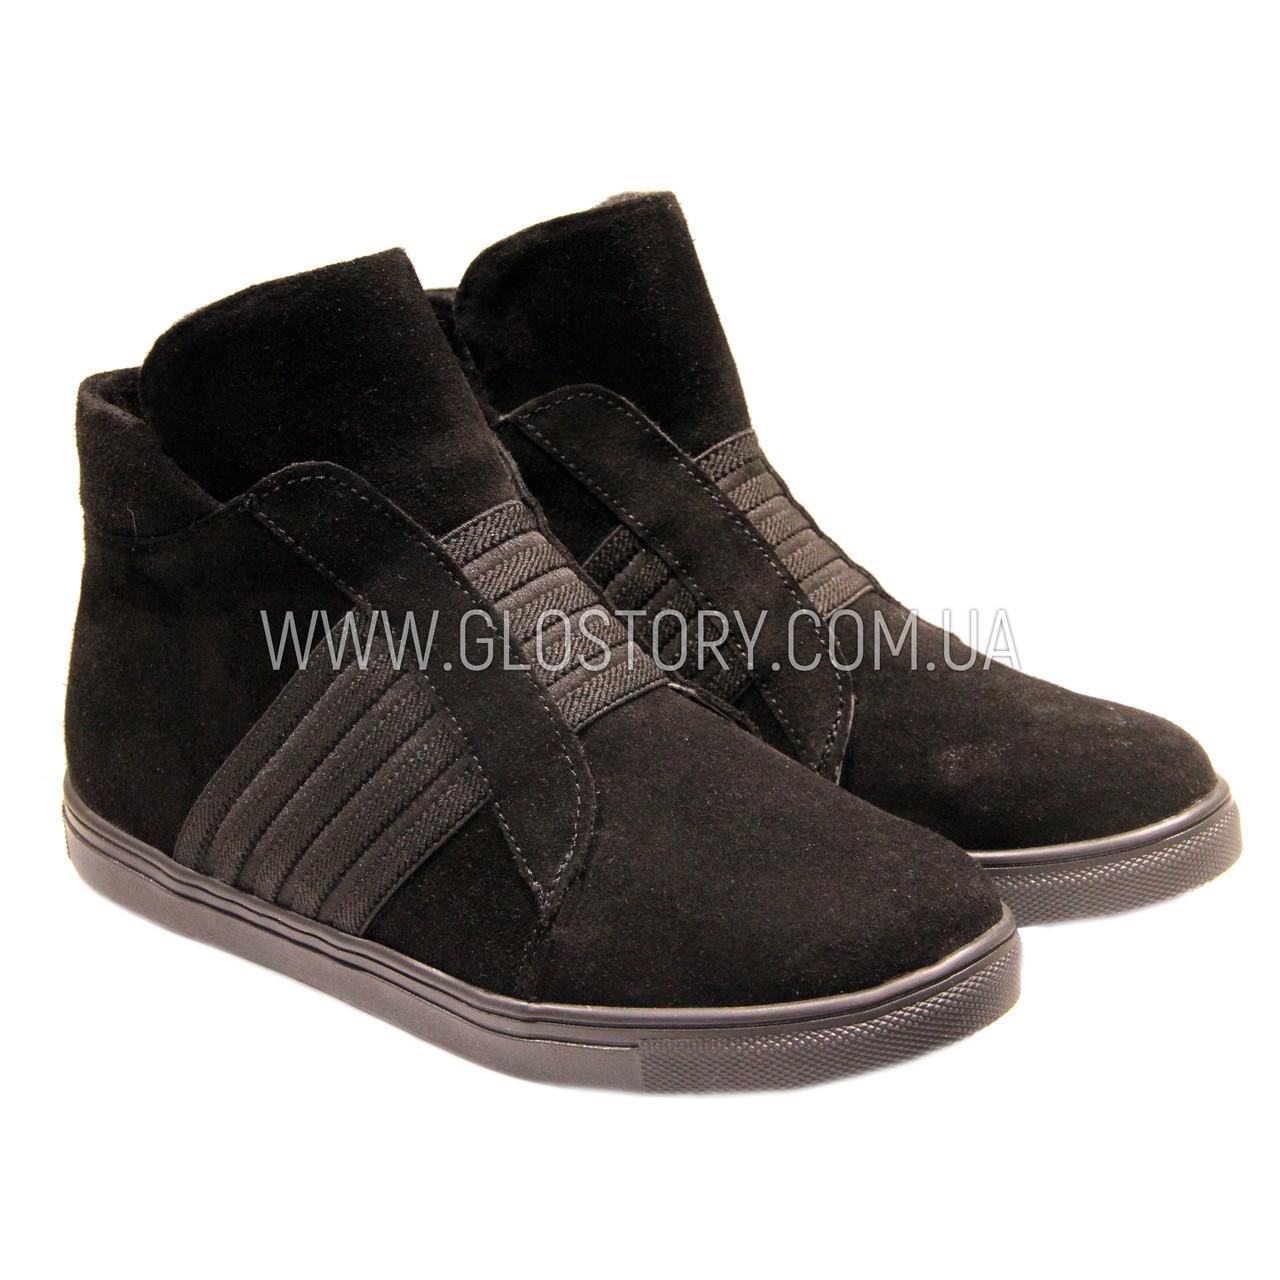 Демисезонные замшевые ботинки (Последние размеры 33 и 35)